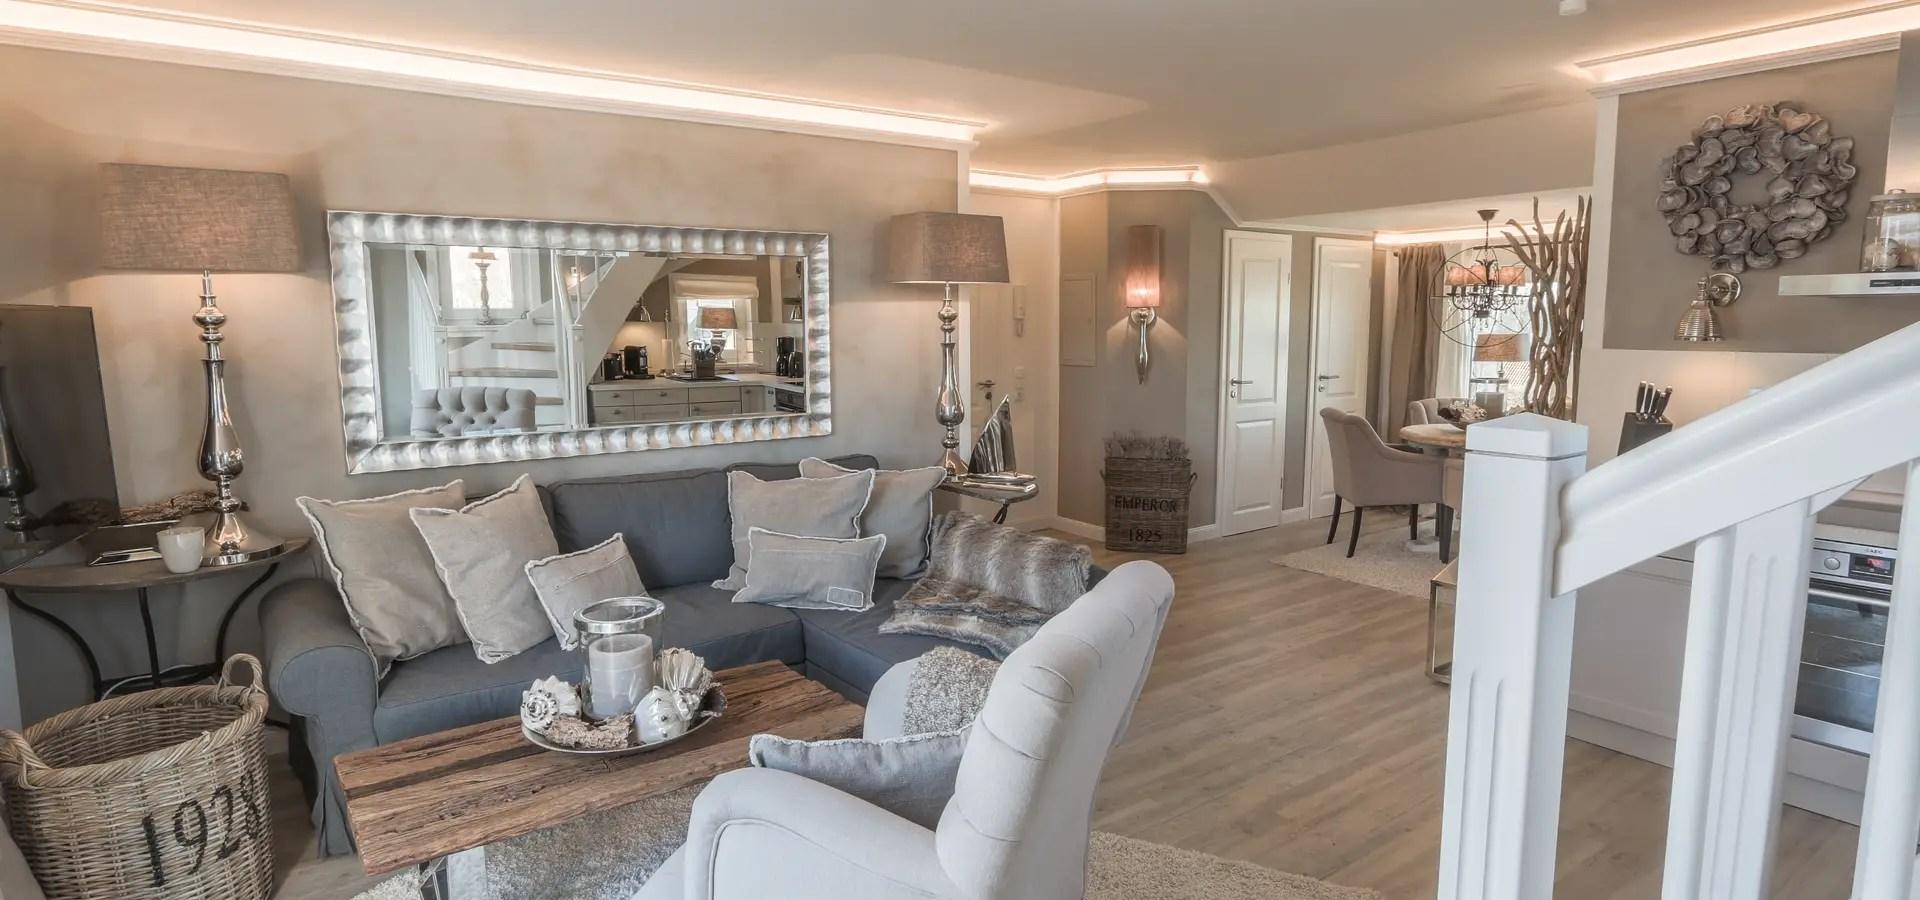 Ferienwohnung HOME Suites Scharbeutz von HOME Einrichtung  Lifestyle  homify